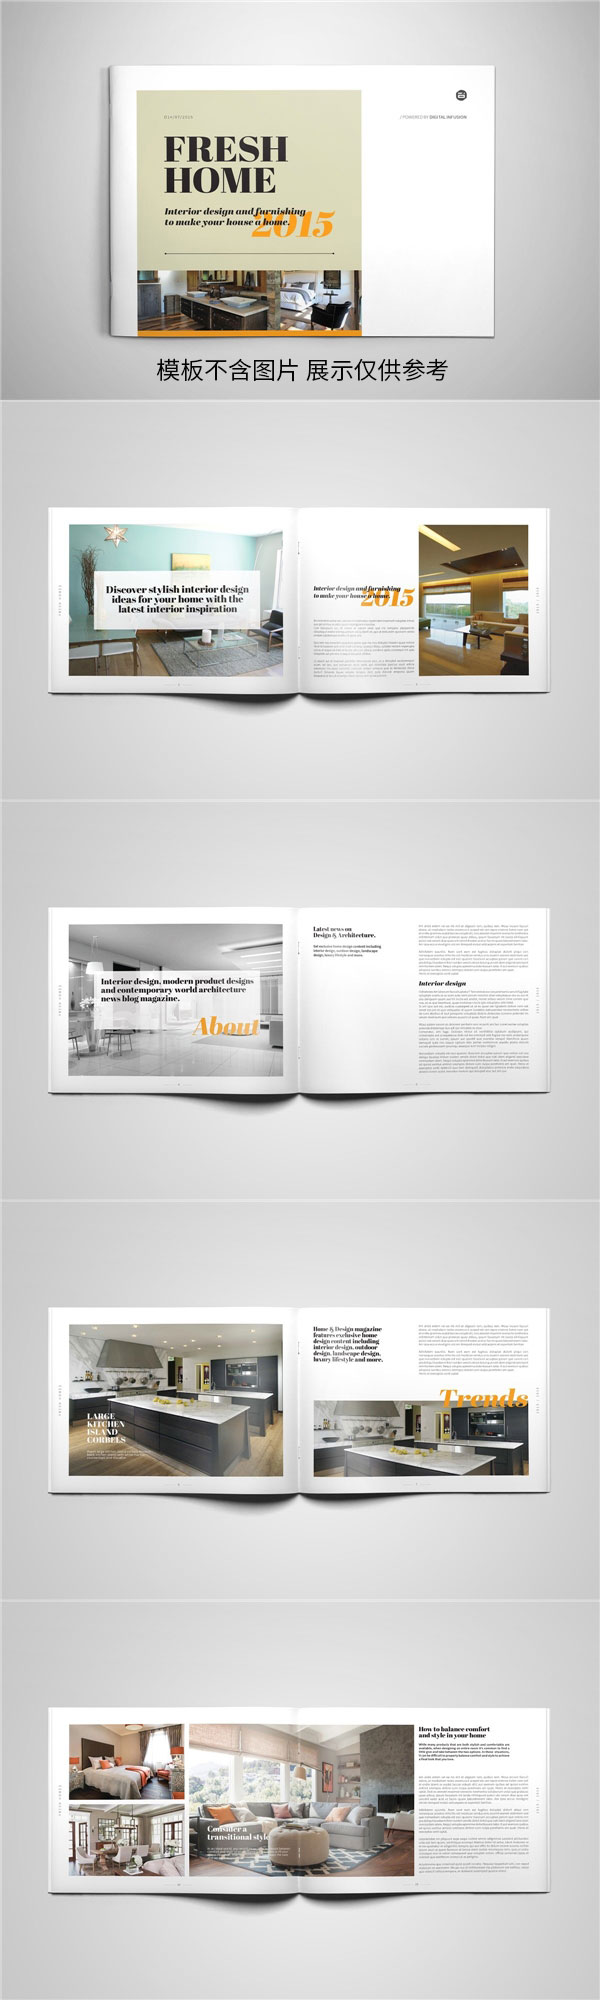 室内装饰设计画册